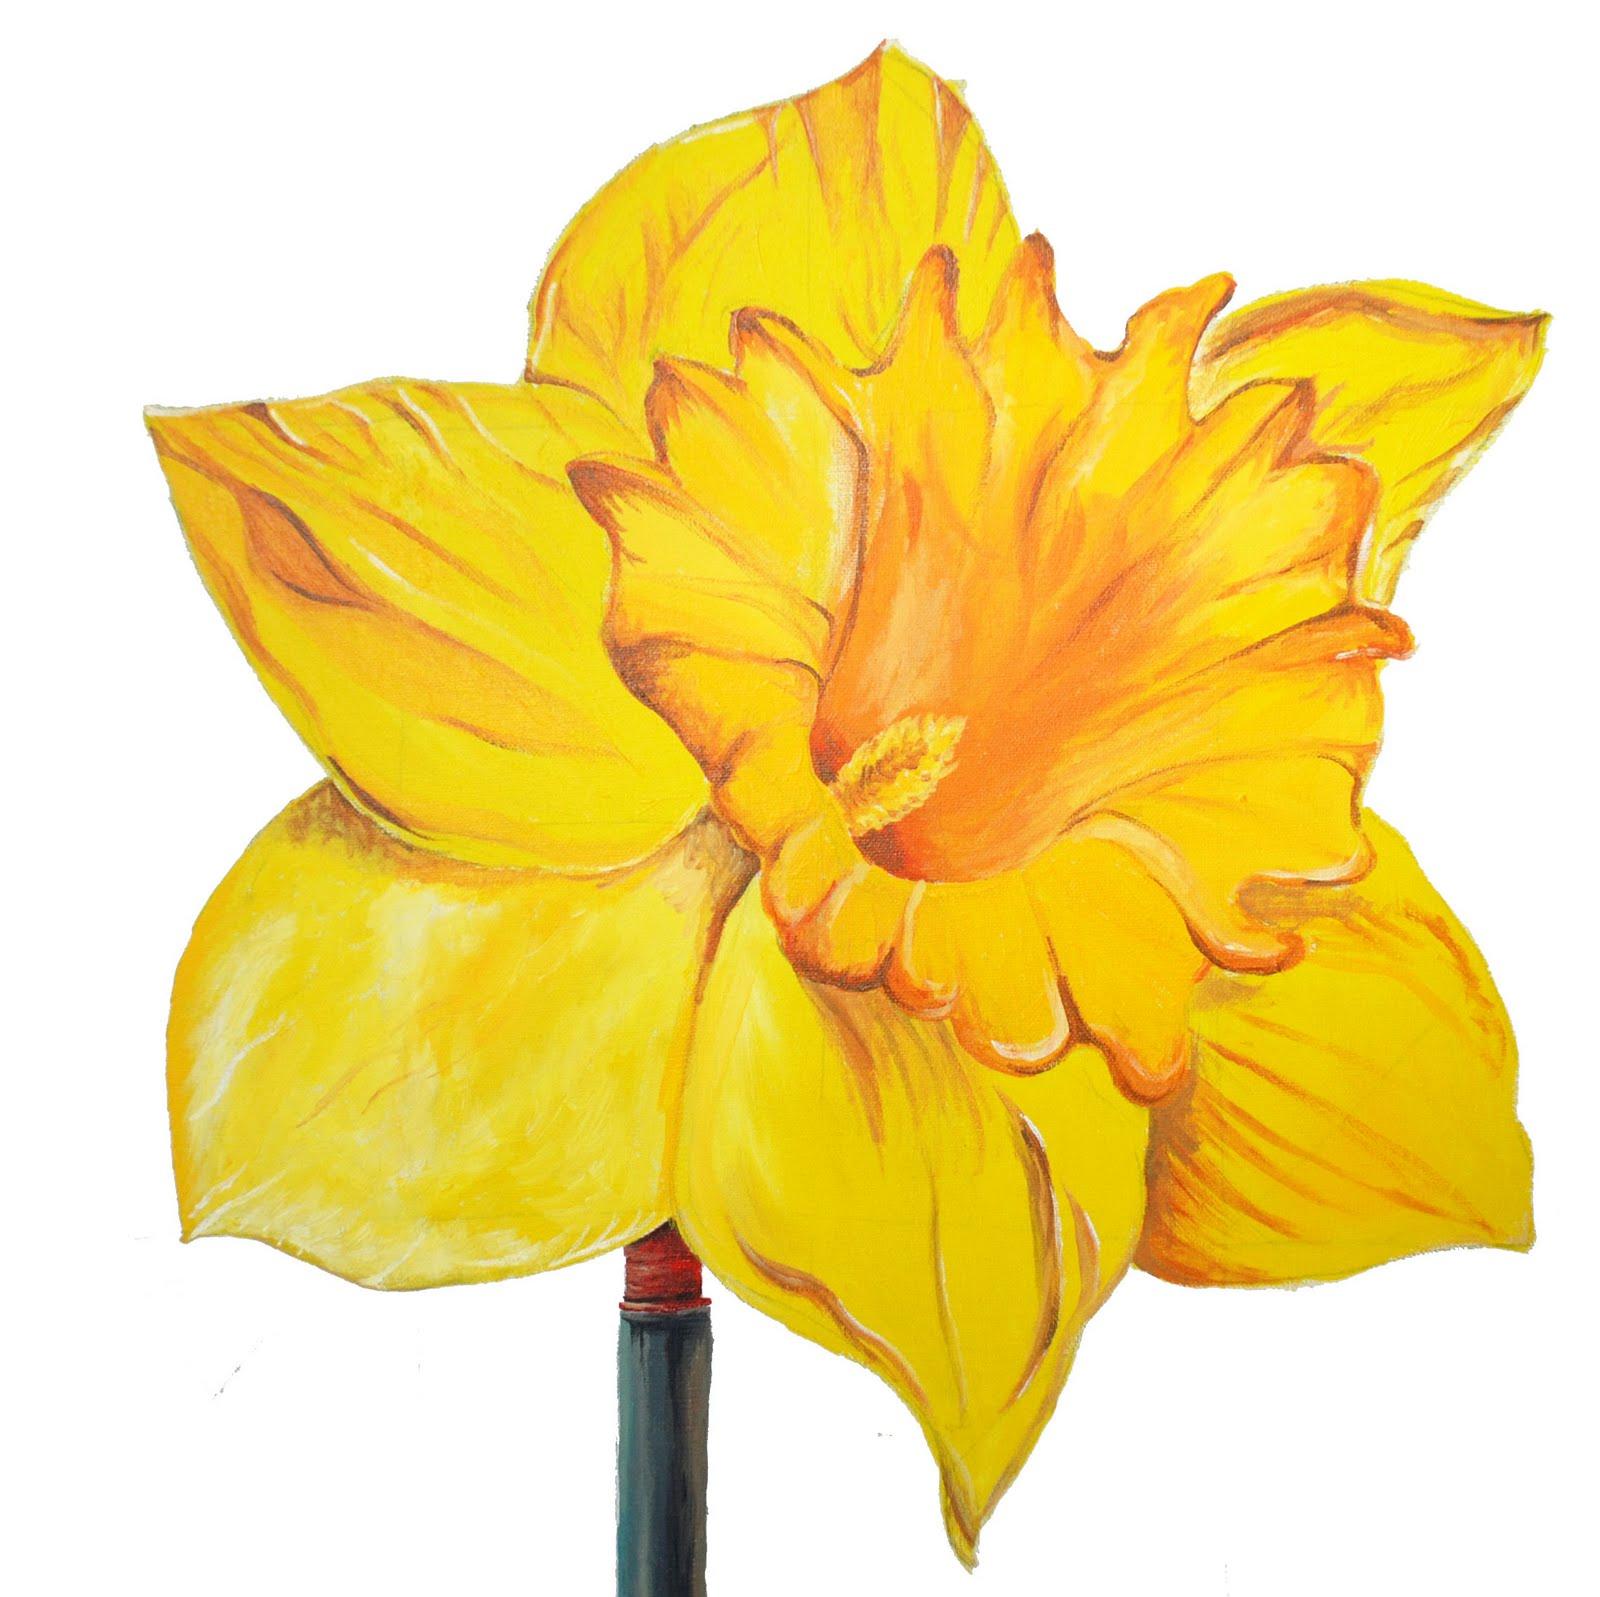 [daffodil2]